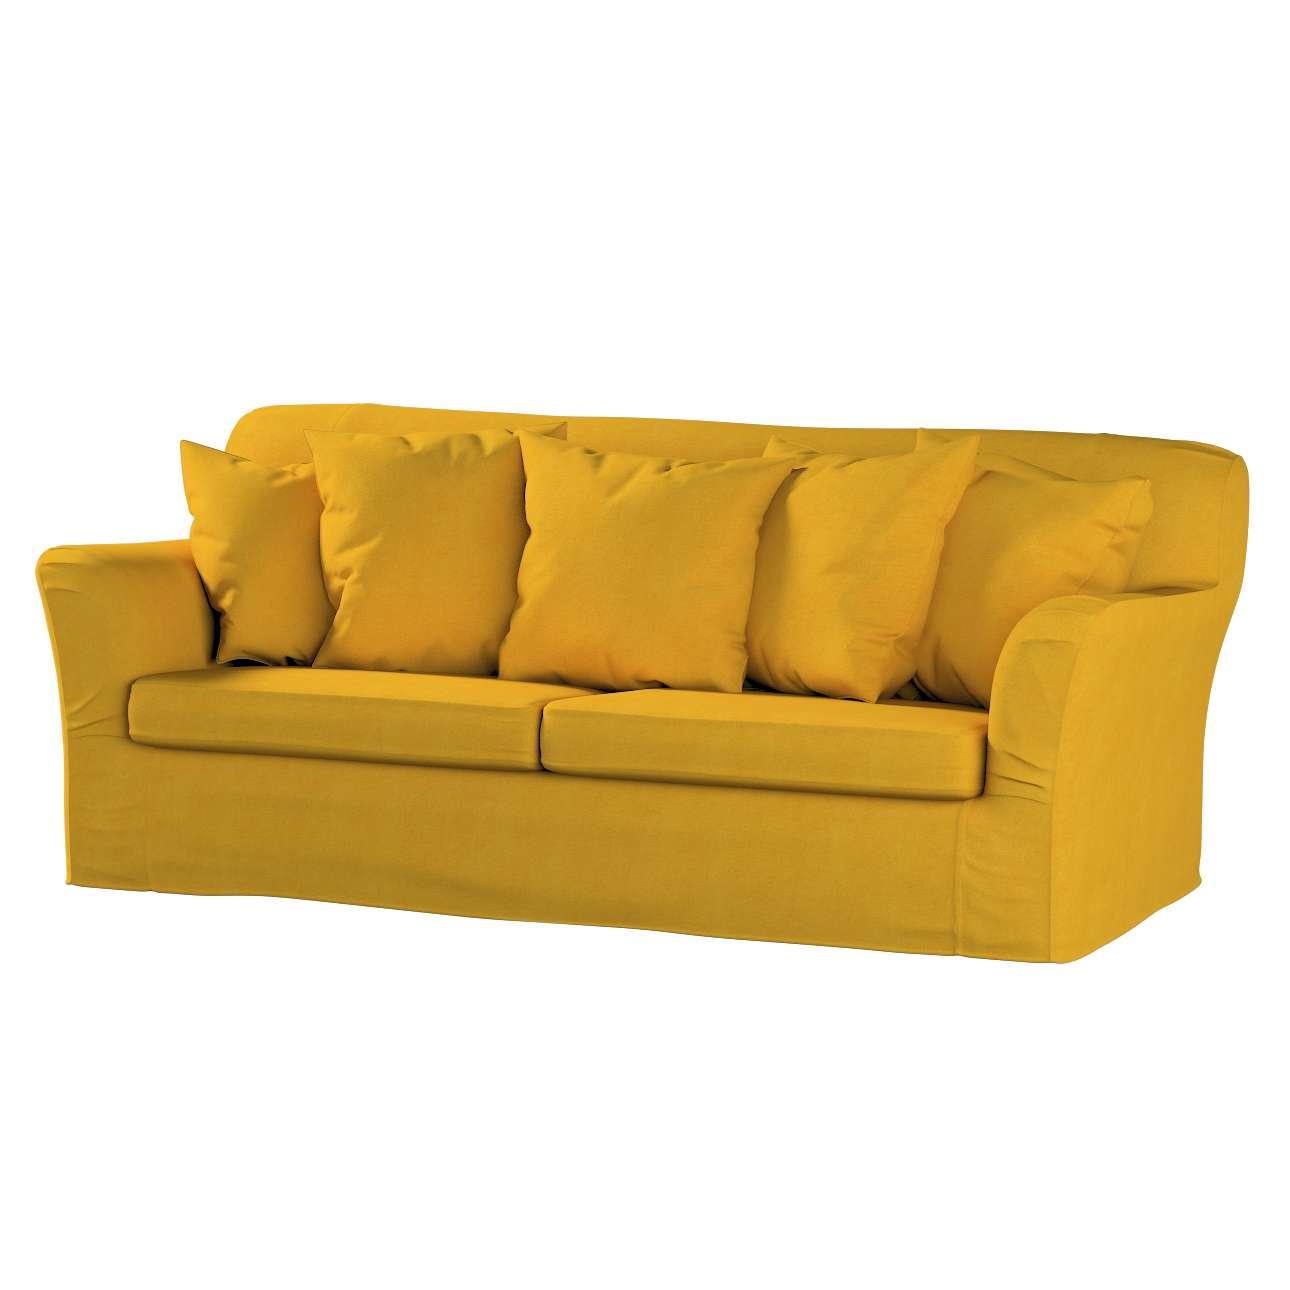 Pokrowiec na sofę Tomelilla 3-osobową rozkładaną Sofa Tomelilla rozkładana w kolekcji Etna , tkanina: 705-04